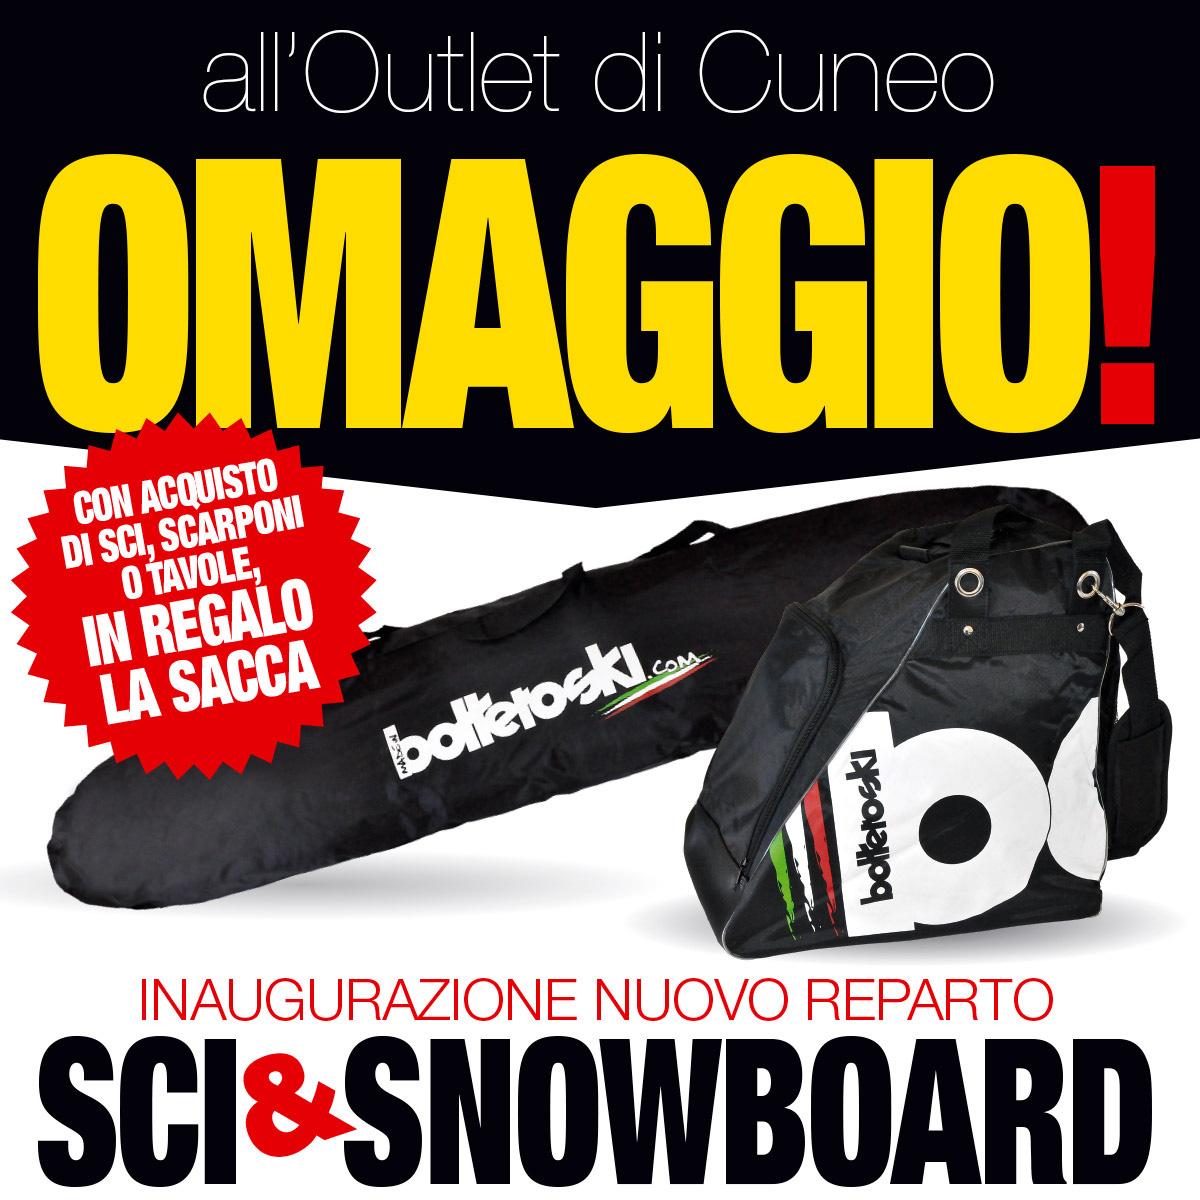 All'outlet di Cuneo fino al 6 ottobre in omaggio la sacca sci